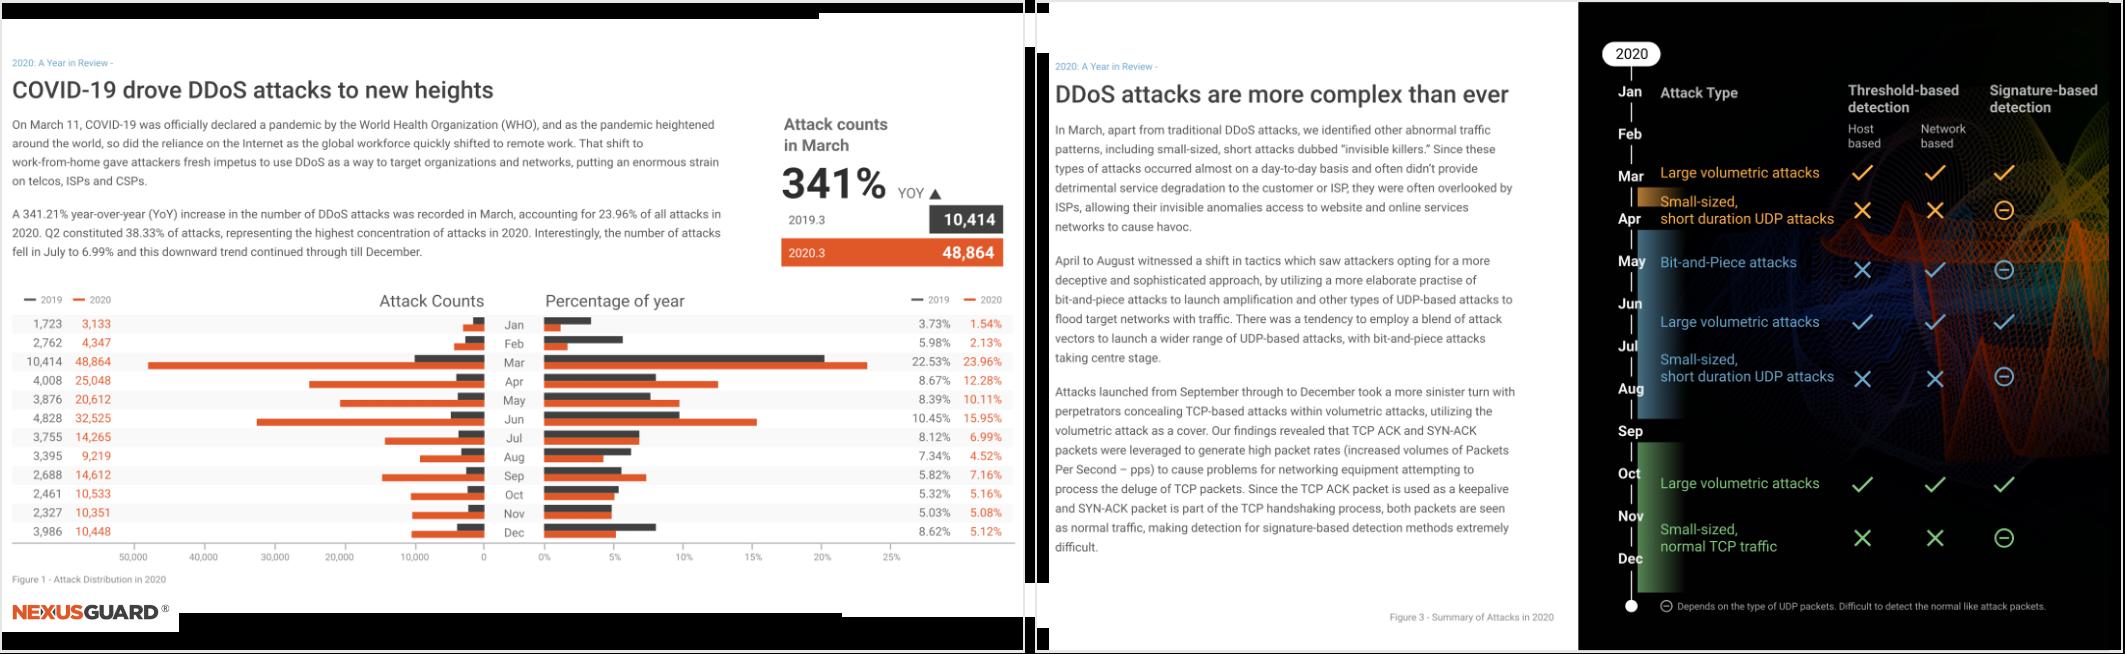 report screencap v5